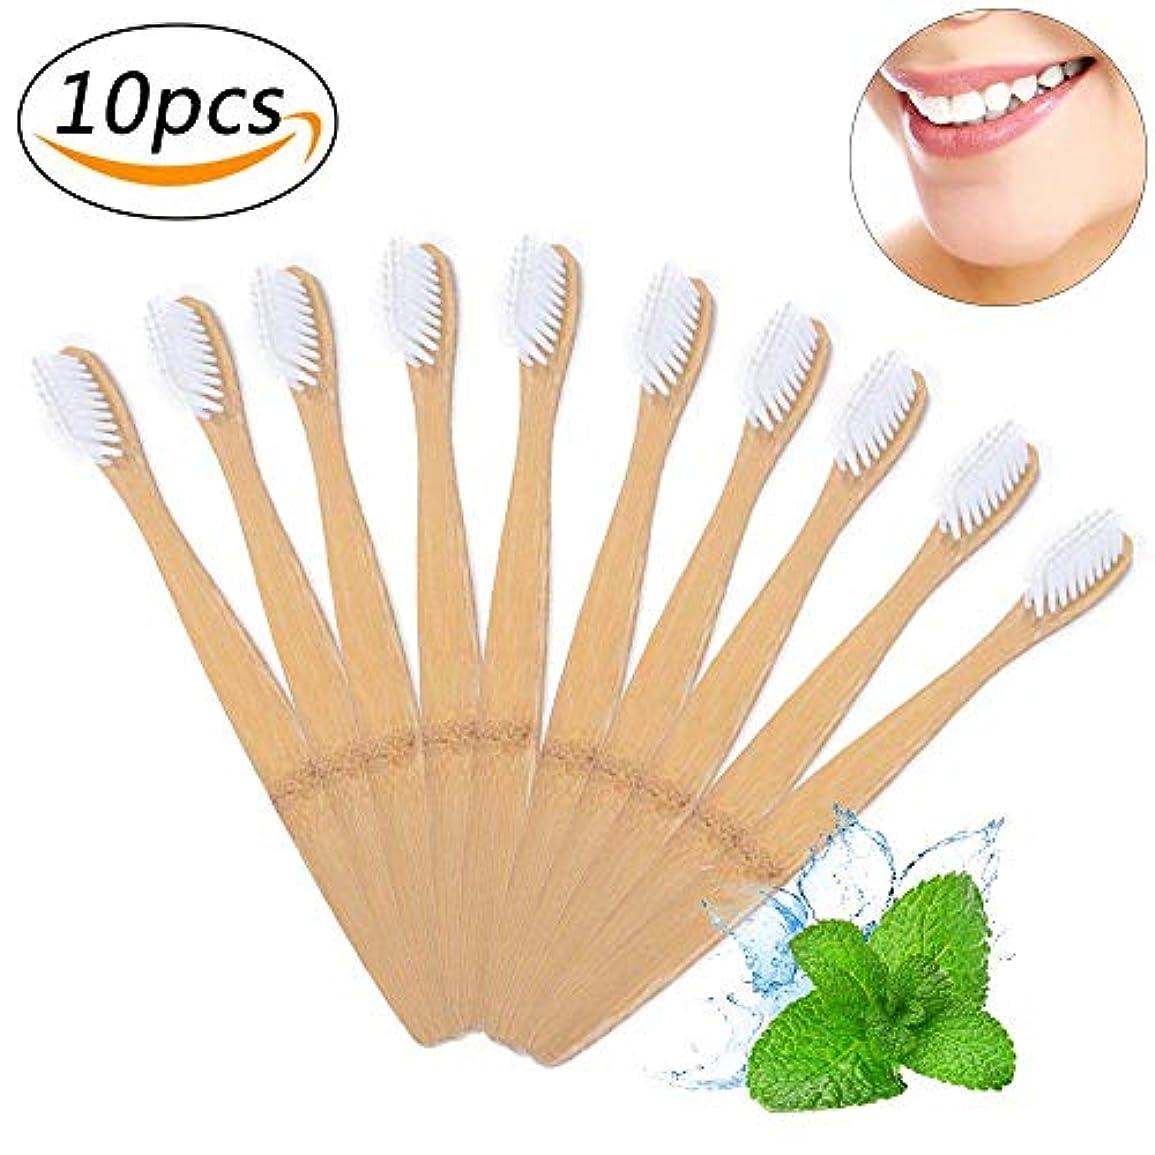 ブレースむちゃくちゃこどもの日竹の歯ブラシ 環境保護の歯ブラシ 柔らかいブラシ 分解性 耐久性 ホワイト 10本入